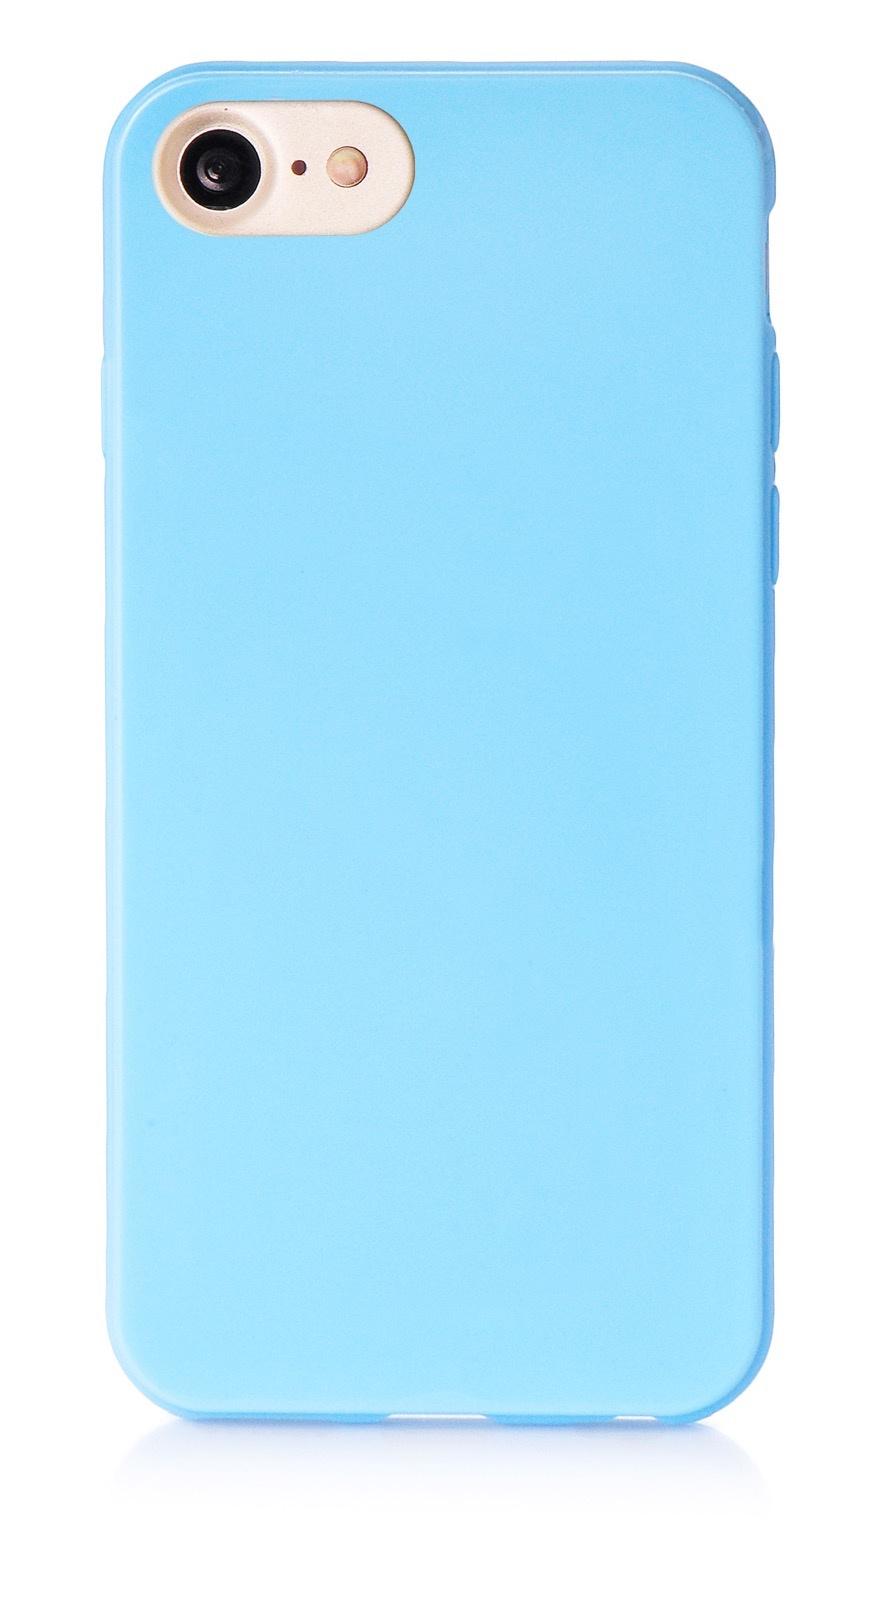 """Чехол для сотового телефона iNeez накладка силикон мыльница 900833 для Apple Iphone 7/8 4.7"""", голубой"""